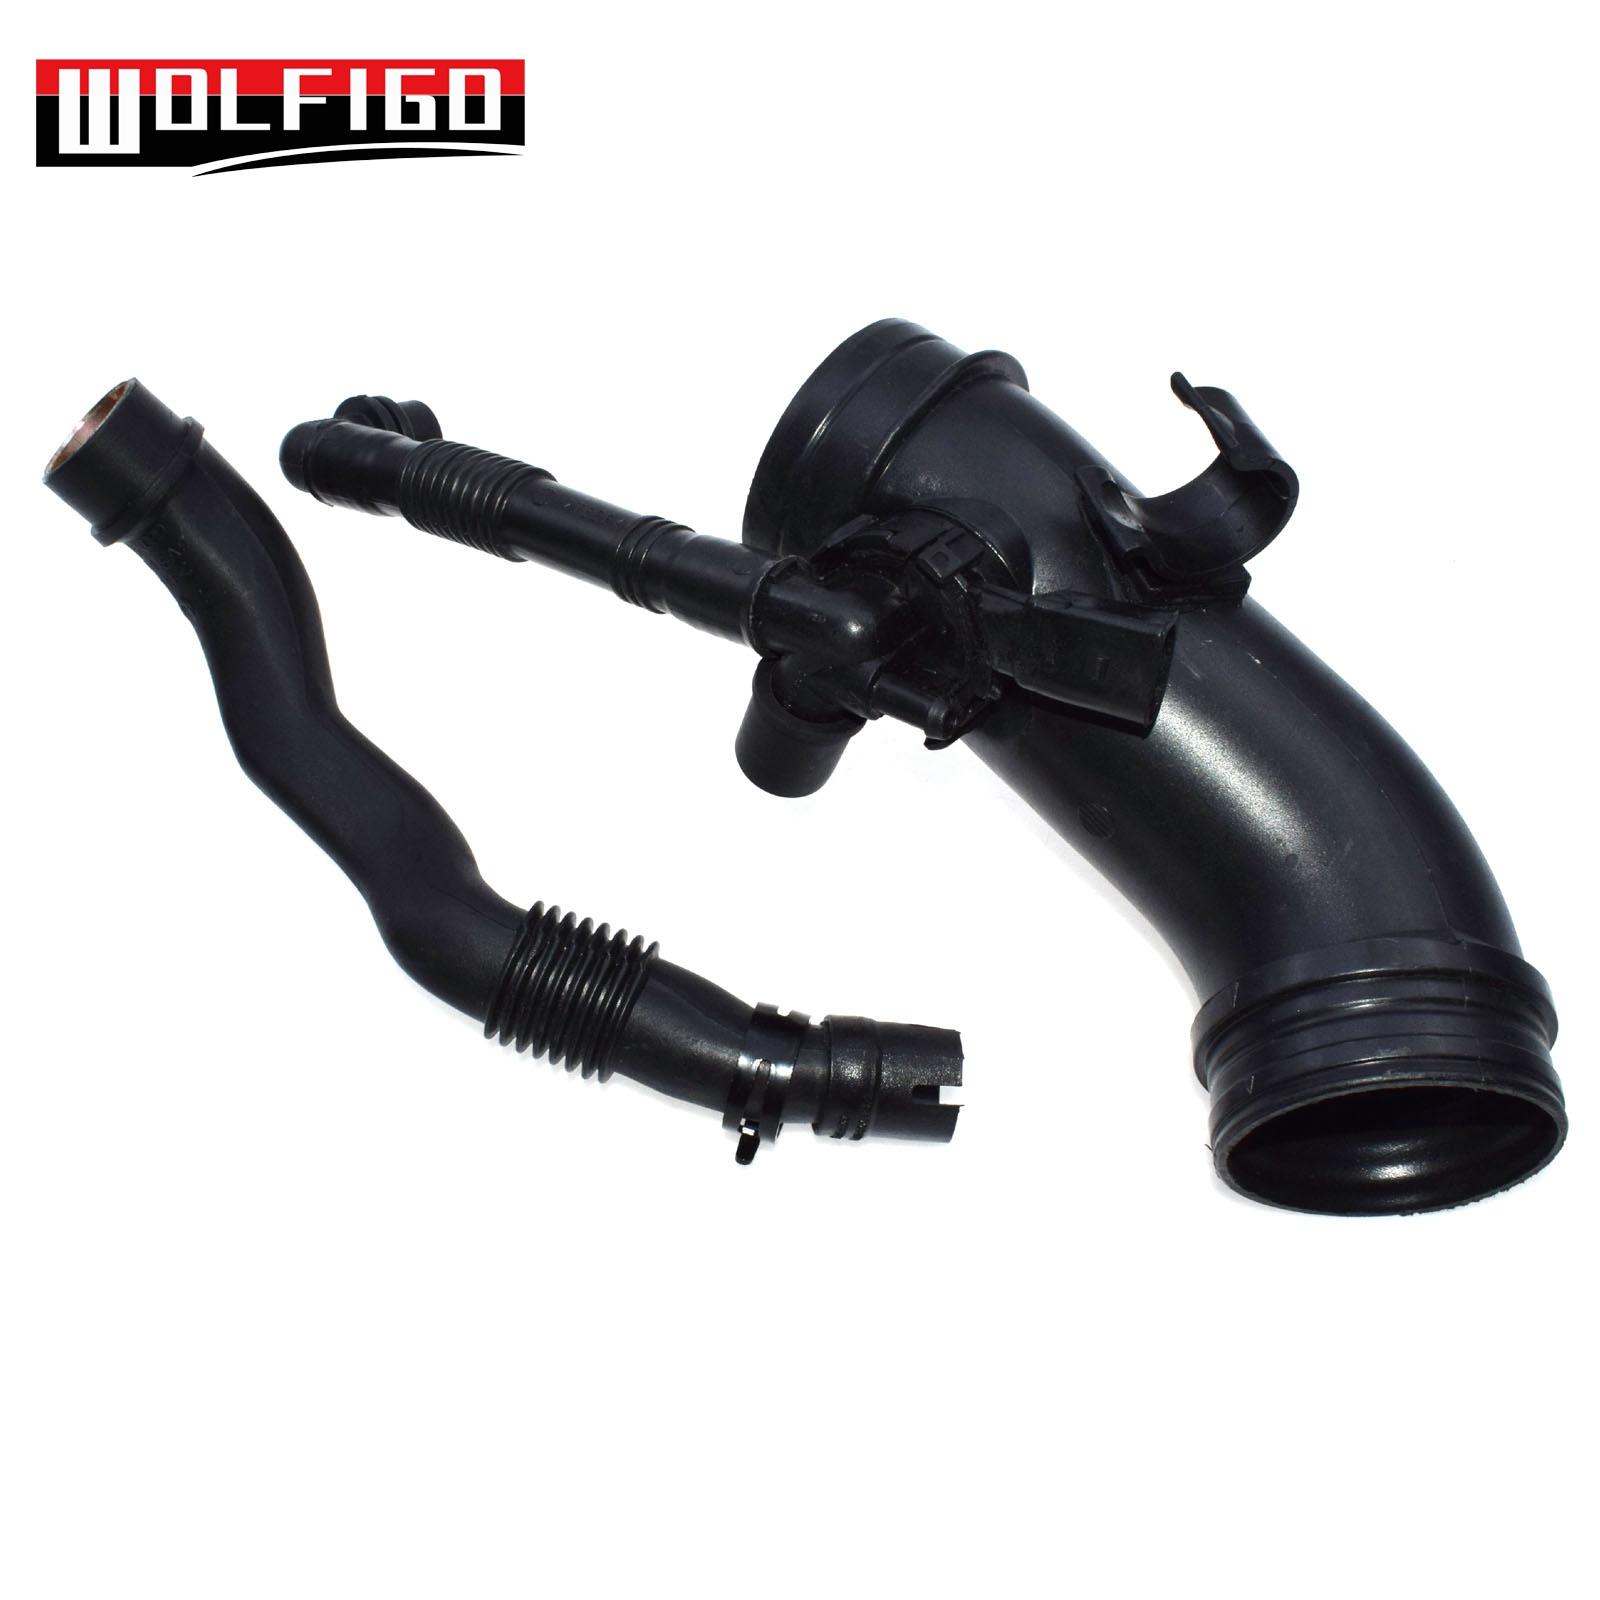 eGang/Auto New 2PCS Crankcase Breather Hose Pipe 06B133354P,06B103217M For VWS Passat B5 2001 2002 2003 2004 2005 2006 2007 2008